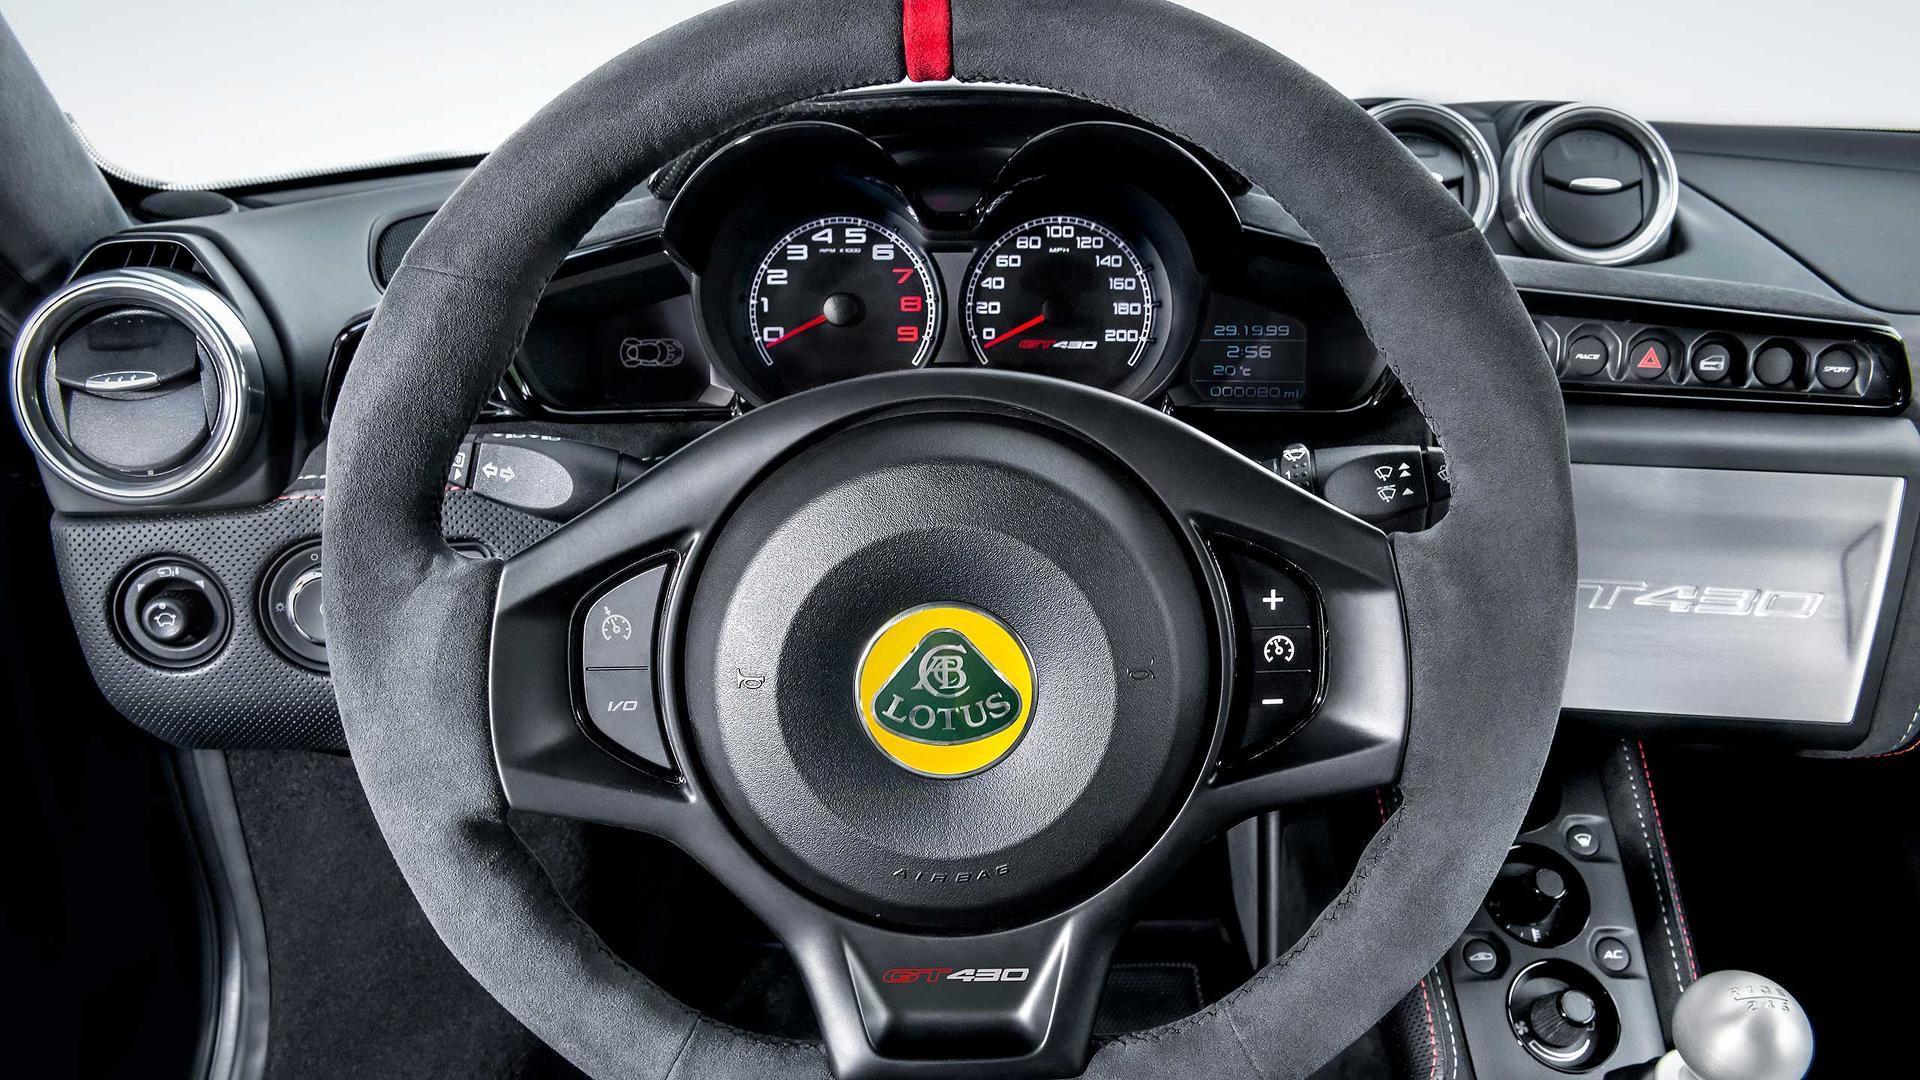 nouvelle-lotus-evora-gt430-a-l-assaut-des-supercars-382-10.jpg